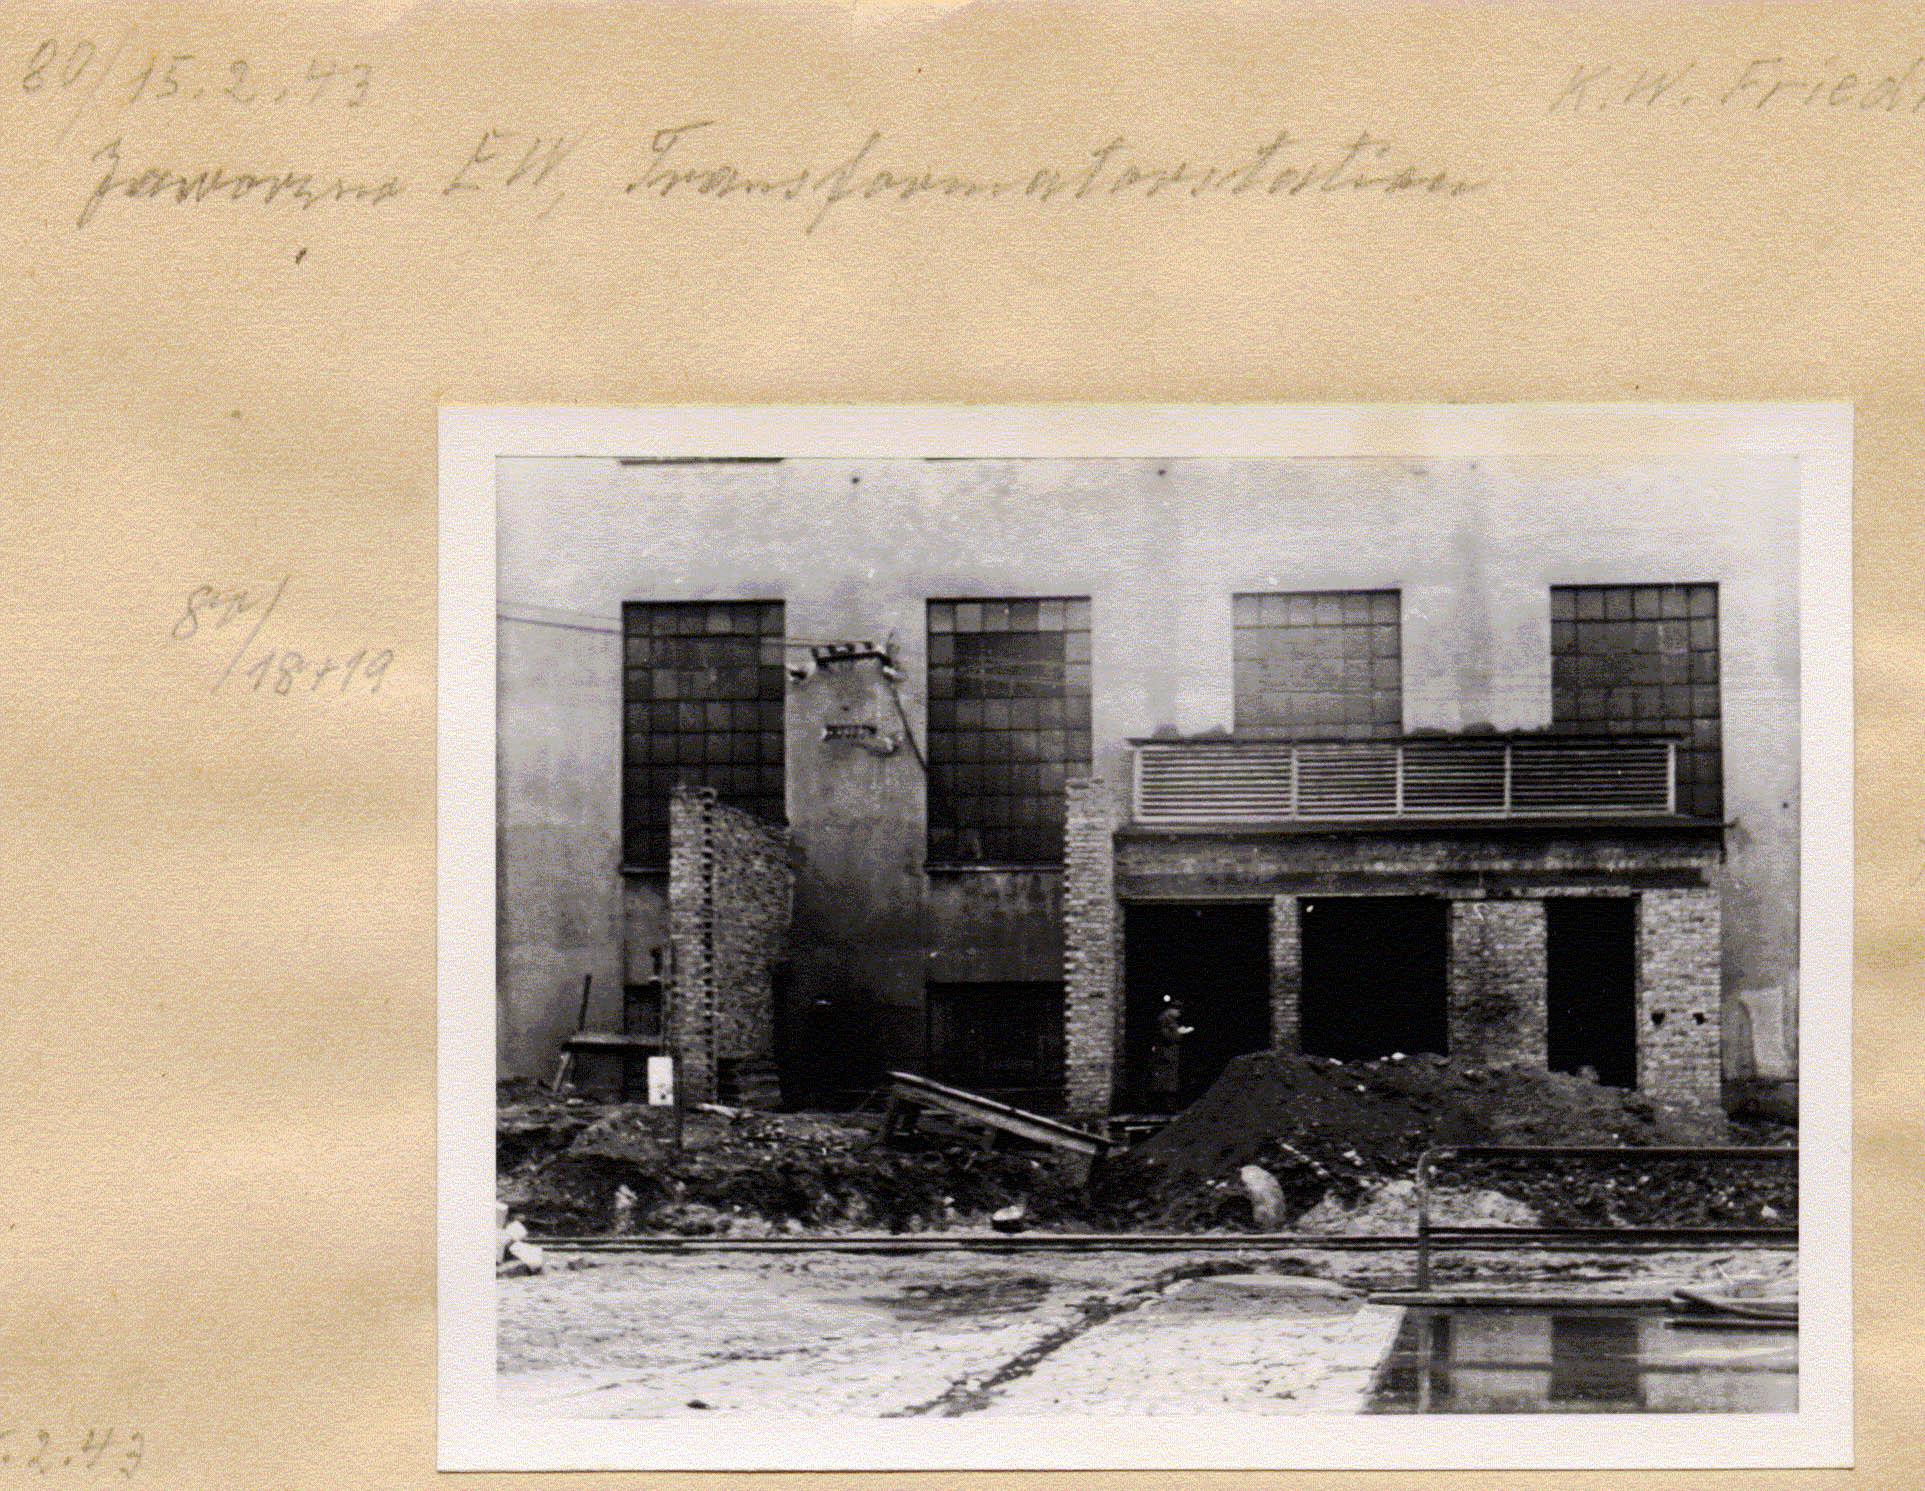 Kraftwerk Friedrich-August 15. 1943 Muzeum w Jaworznie